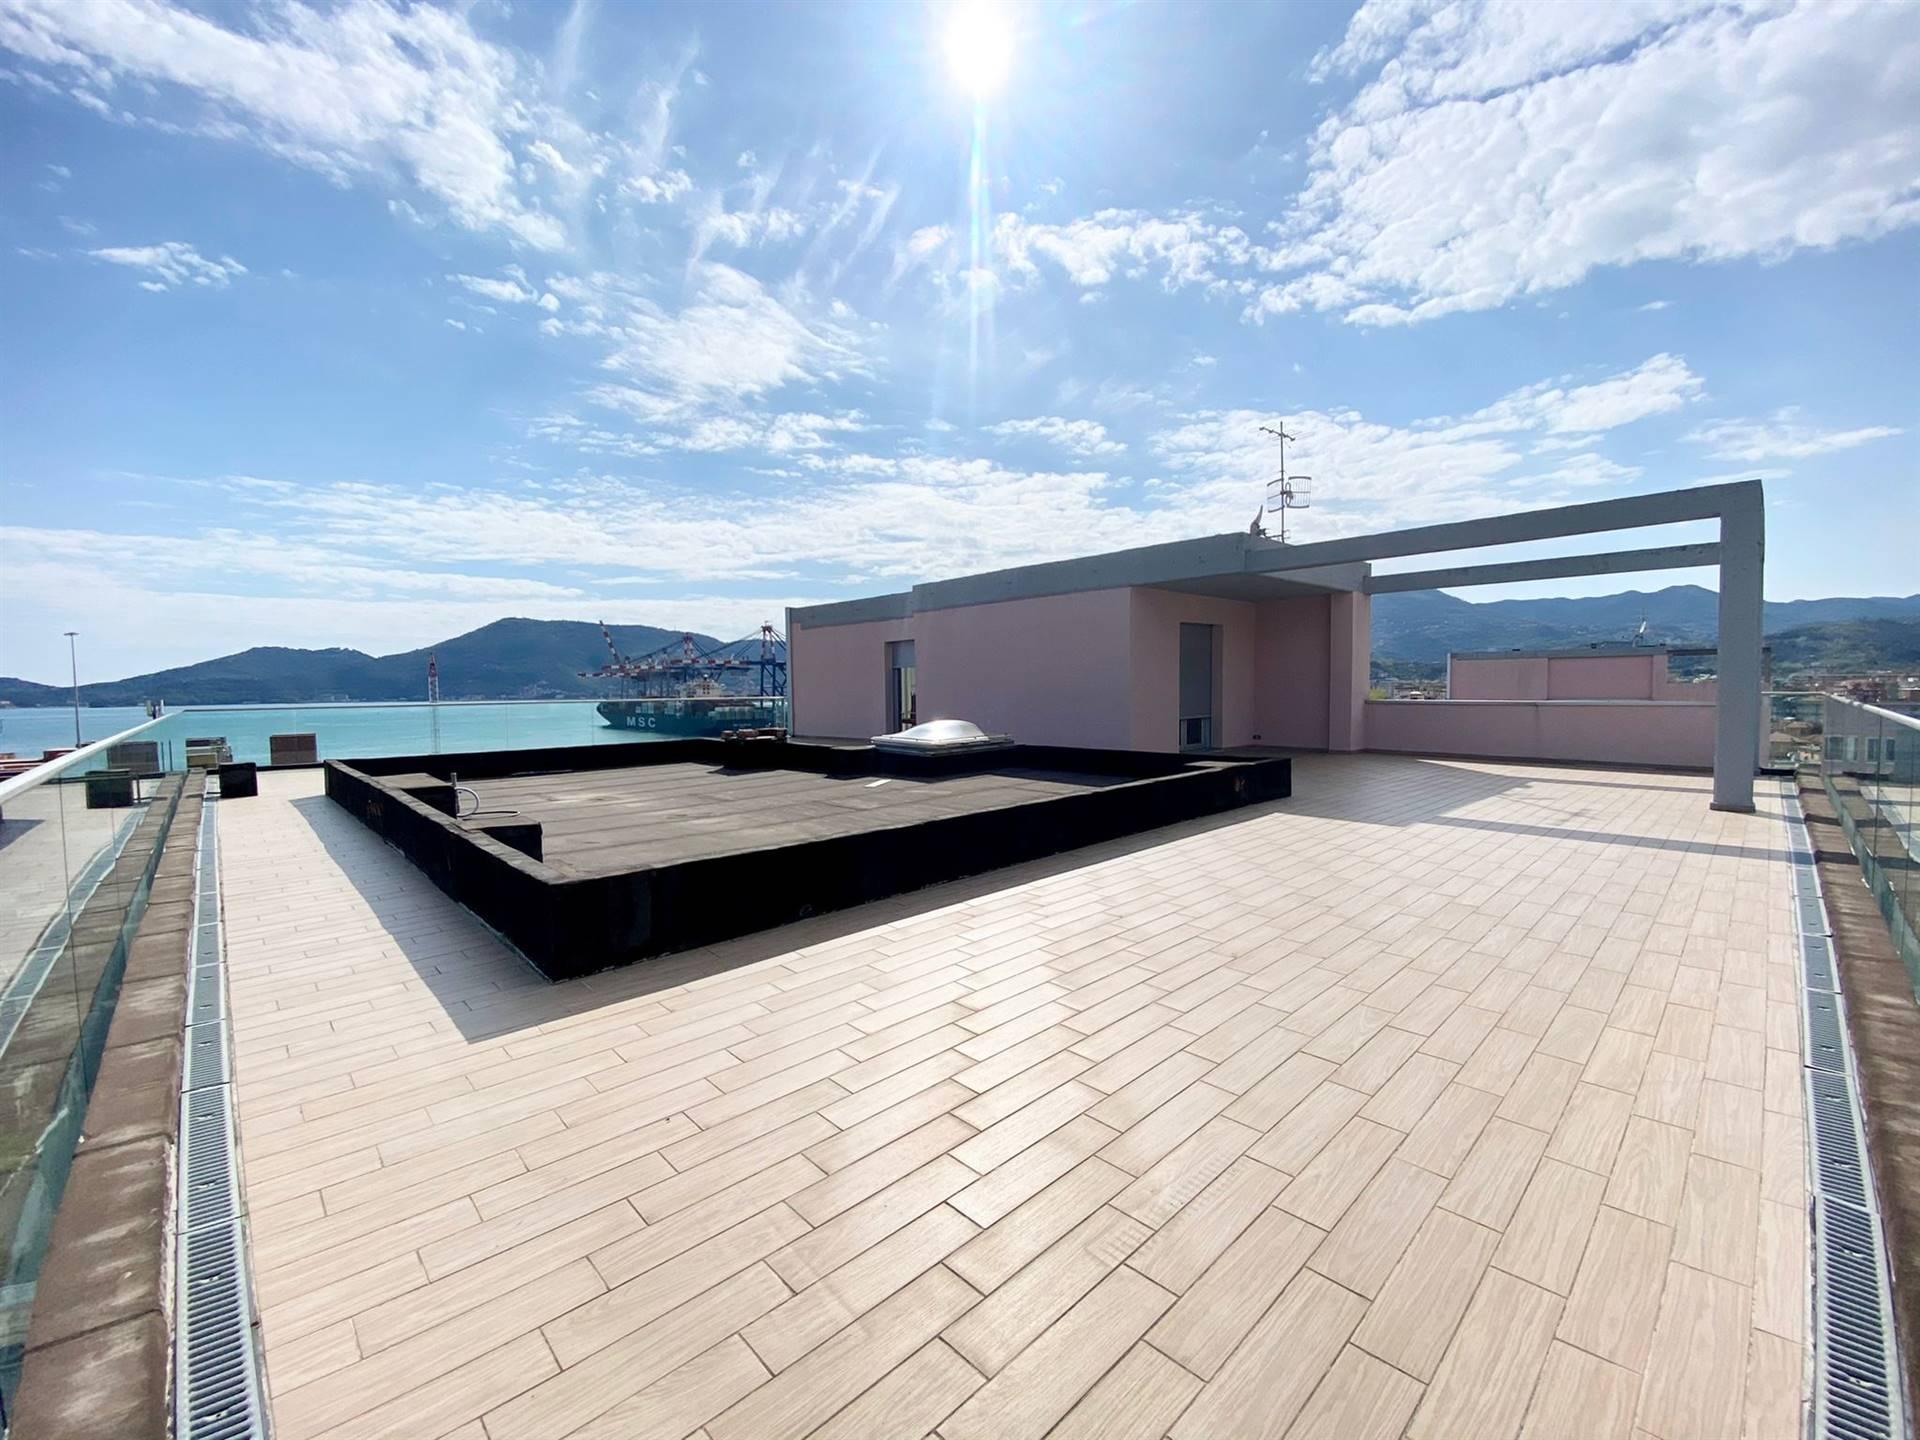 Appartamento in vendita a La Spezia, 7 locali, zona letto, prezzo € 650.000 | PortaleAgenzieImmobiliari.it